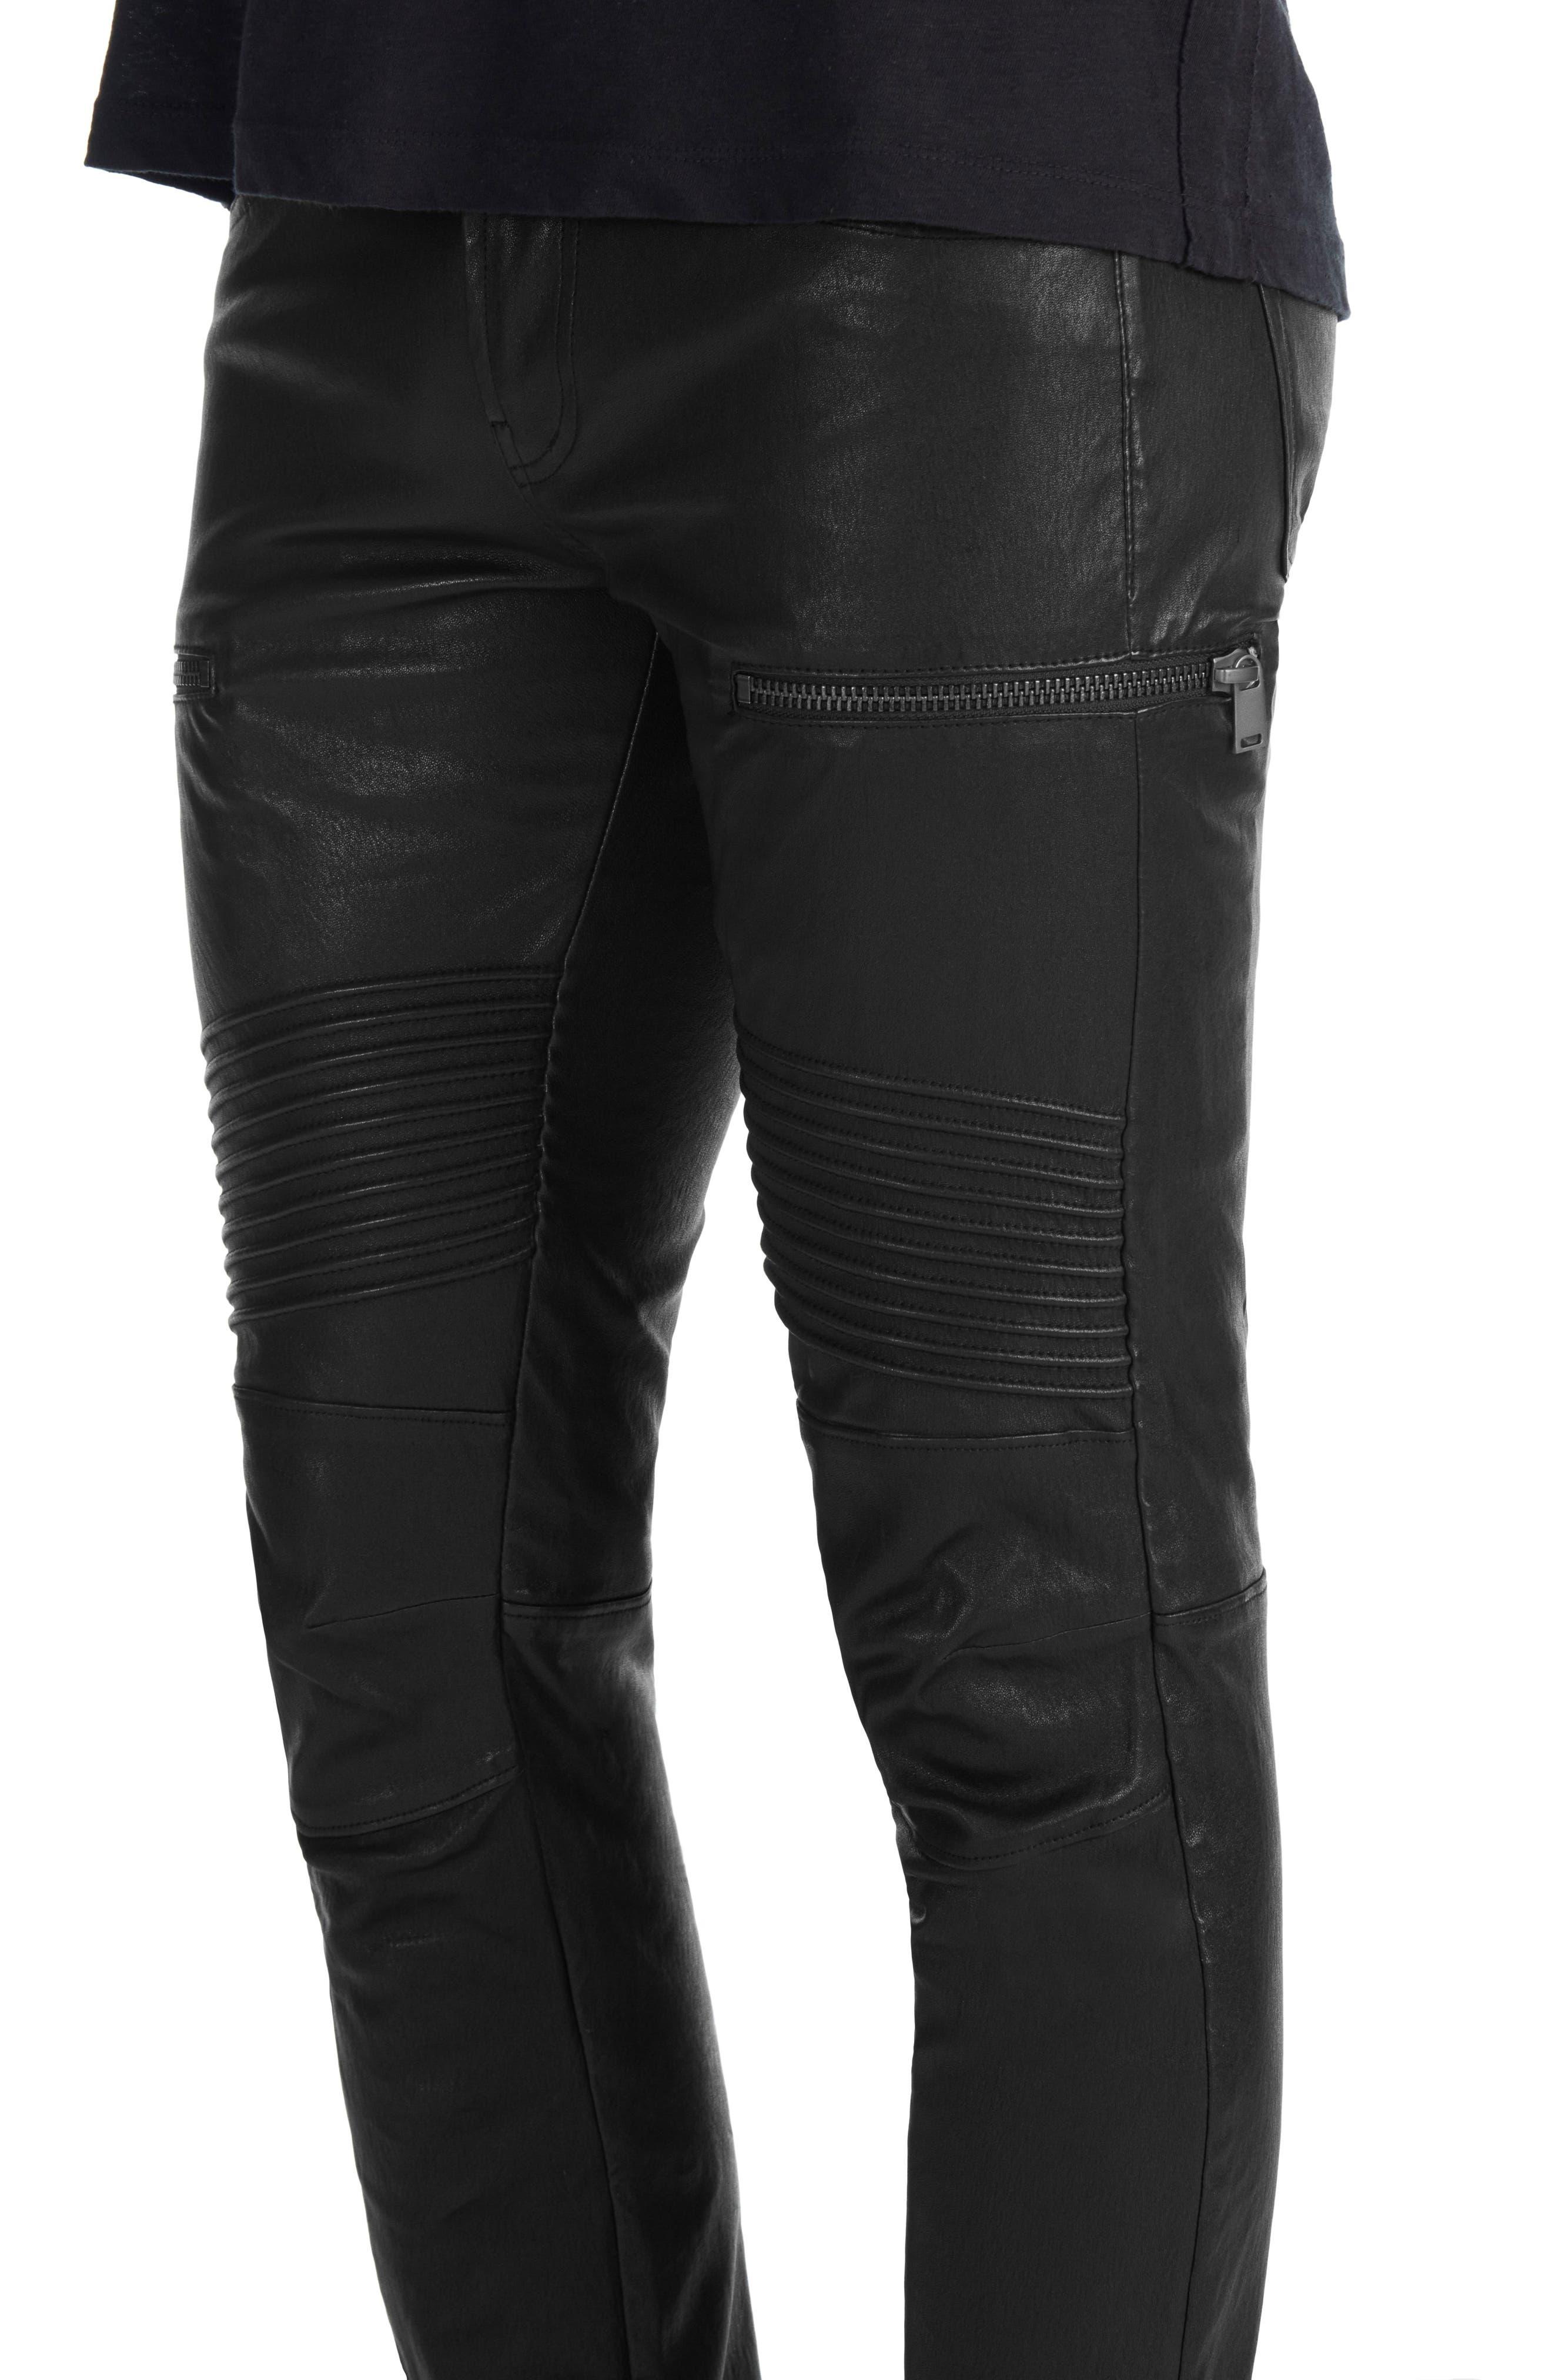 Acrux Skinny Leg Leather Pants,                             Alternate thumbnail 4, color,                             Black